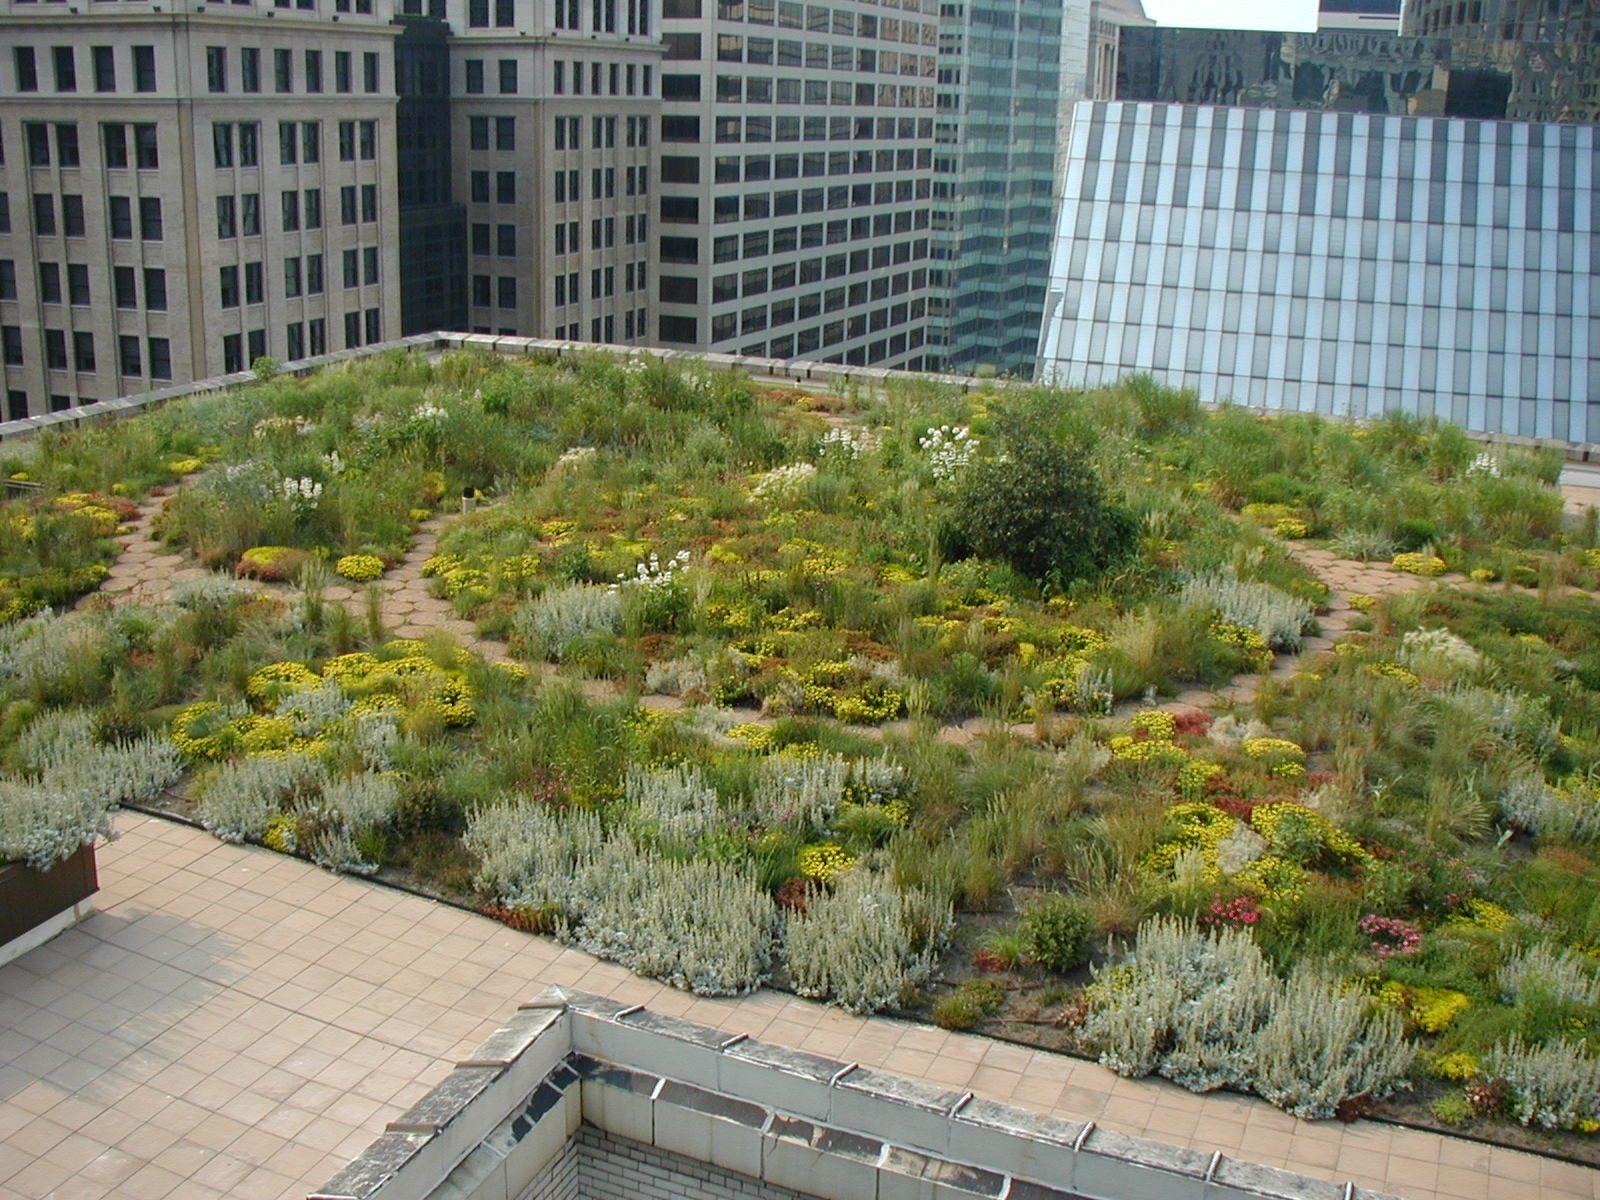 Chgocityhall Aerial Jpg 1600 1200 Green Roof Green Roof Technology Roof Garden